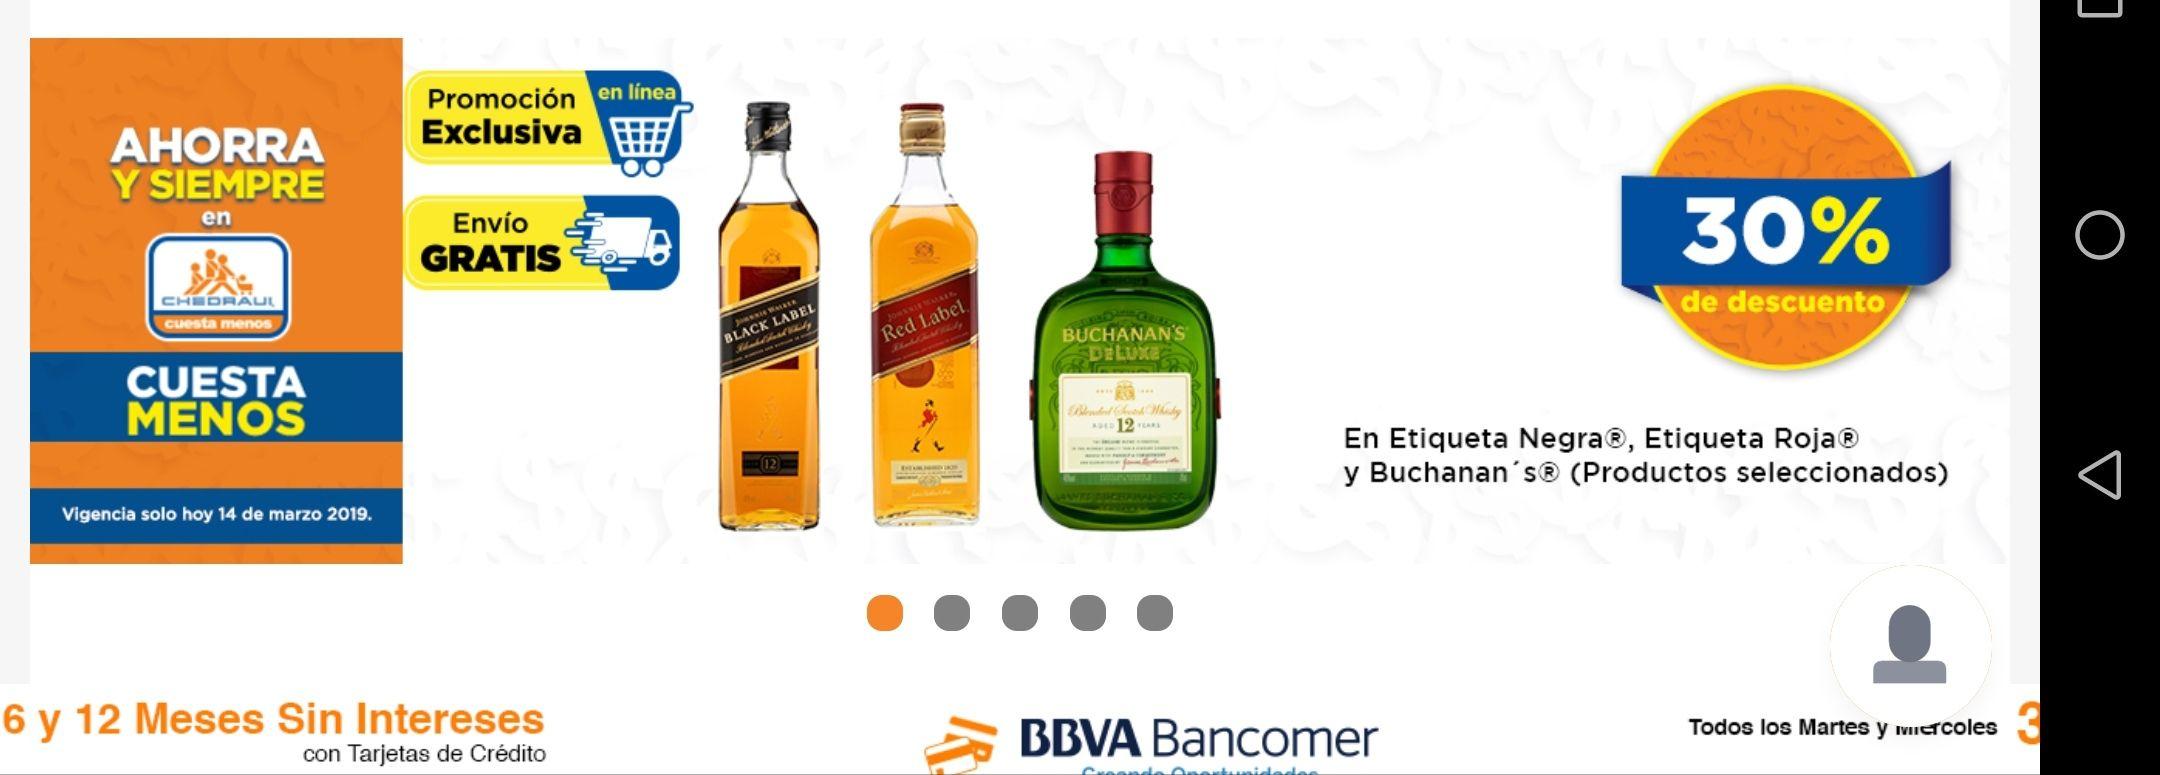 Chedrahui en línea: 30% de descuento en Whisky etiqueta roja, negra y Buchanan's y envío gratis